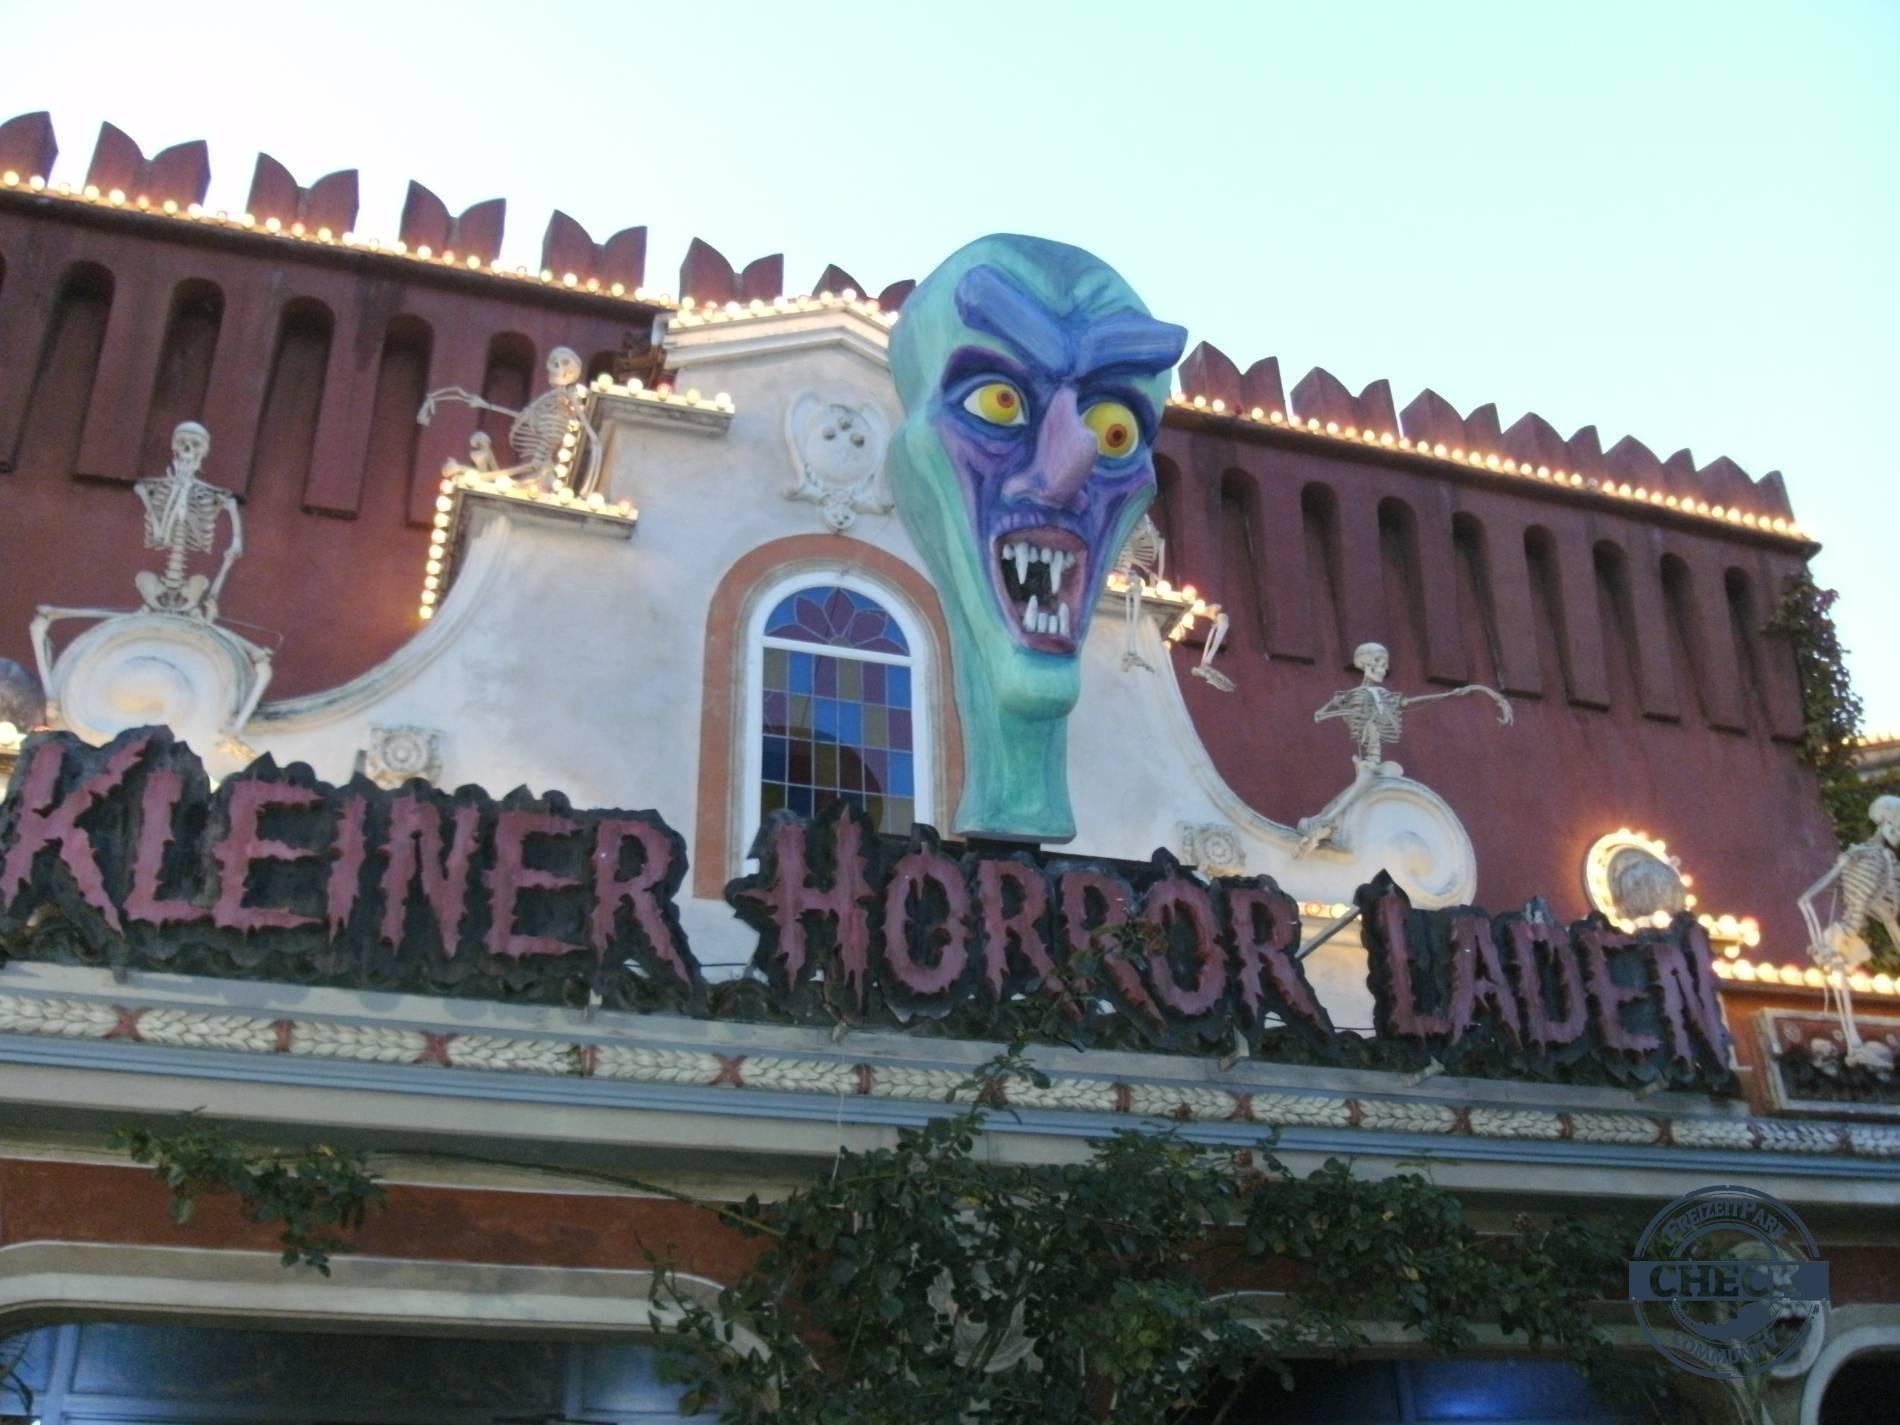 Kleiner Horror Laden